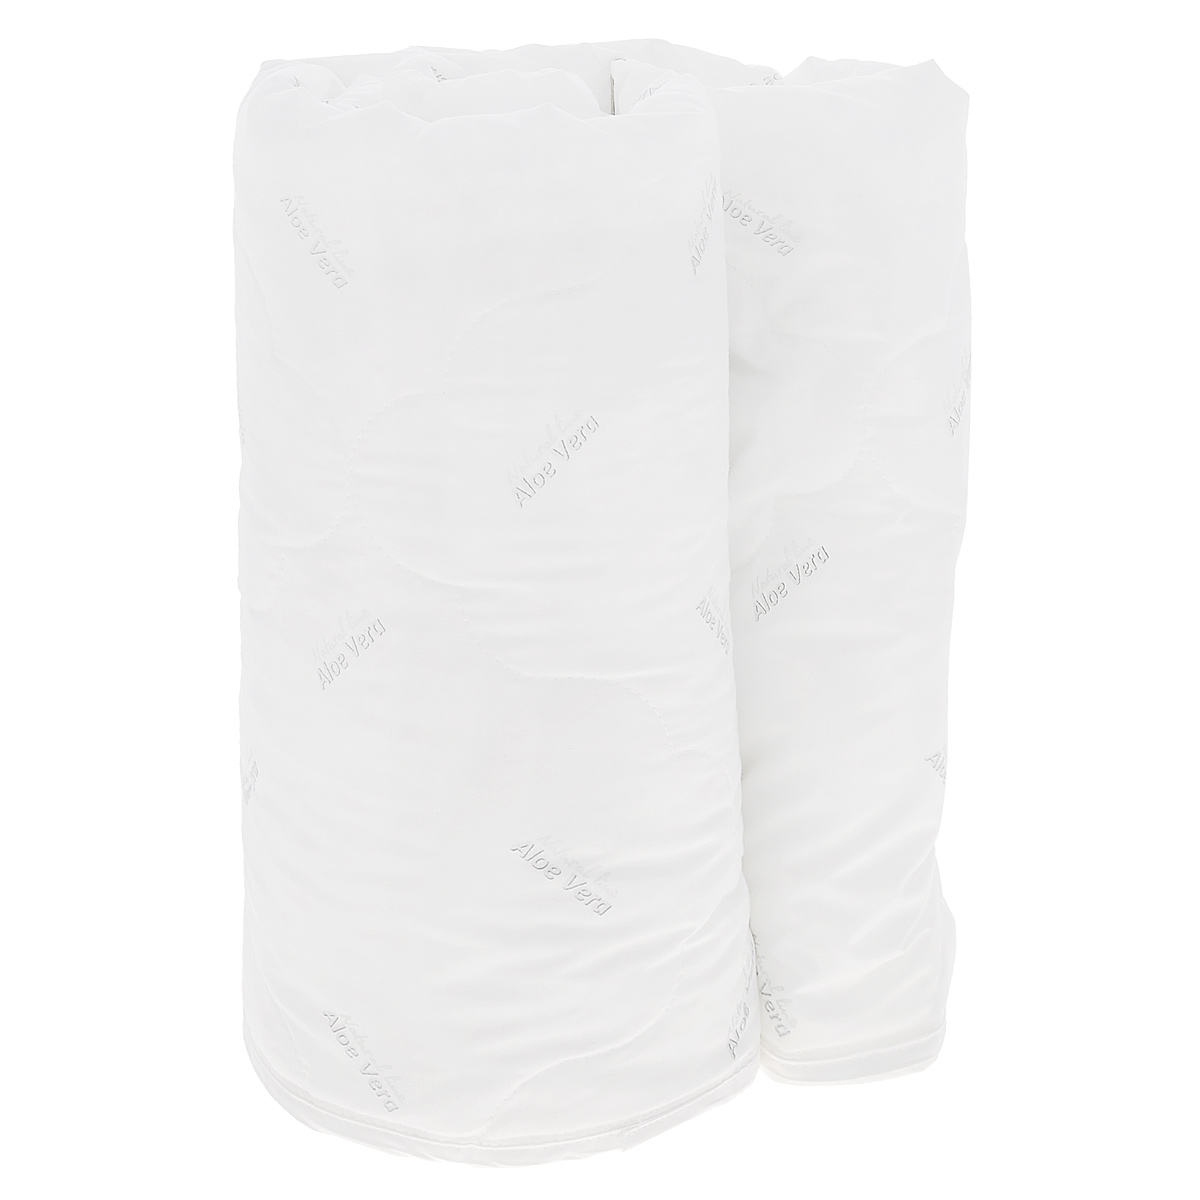 Одеяло Verossa AloeVera, наполнитель: полиэстеровое волокно, 140 см х 205 см158082Легкое одеяло Verossa AloeVera подарит комфортный сон вам и вашей семье. Чехол изготовлен из смесовой ткани с обработкой Aloe Vera, наполнитель - 100%полиэстеровое волокно. Aloe Vera - специальный биологическийкомпонент, стимулирующий защитные силы организма. Алоэ вера обладаетобщеукрепляющим действием, содержит полезные для красоты и здоровья витаминыи минералы. К тому же это прекрасный антиоксидант, способствует обновлениюклеток, увлажняет и питает кожу во время сна. Компонент алое вера не пахнет,устойчив к стиркам и не оказывает вредного влияния на человека.Такое одеяло подойдет тем, кто заботится о красоте даже во время сна.Материал чехла: смесовая ткань с обработкой Aloe Vera.Наполнитель: 100% полиэстеровое волокно.Плотность наполнителя: 150 г/м2.